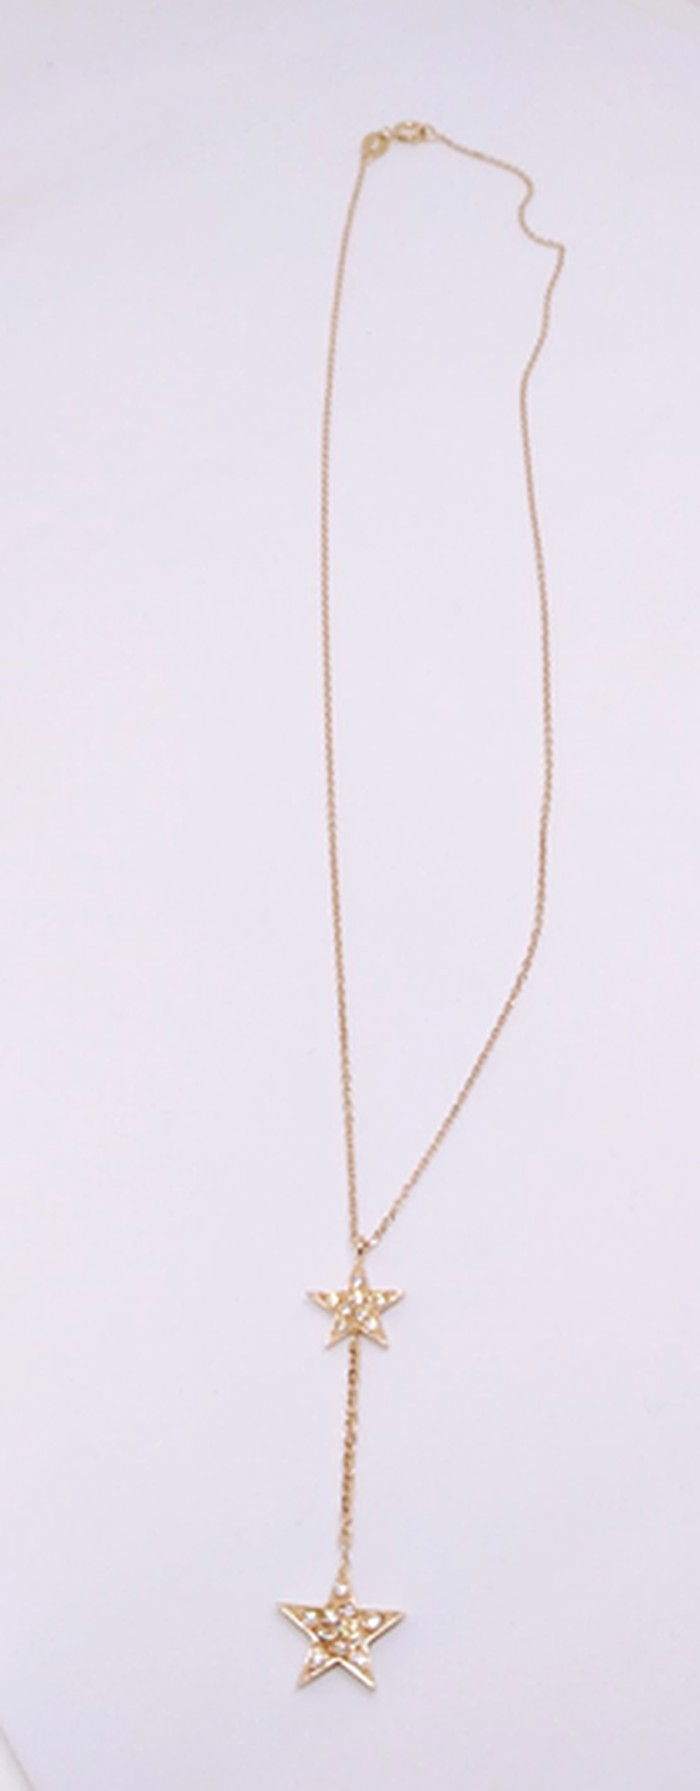 Κολιέ ''Αστεράκια'' από ασήμι 925 σε ροζ χρυσό με λευκά ζιργκόν